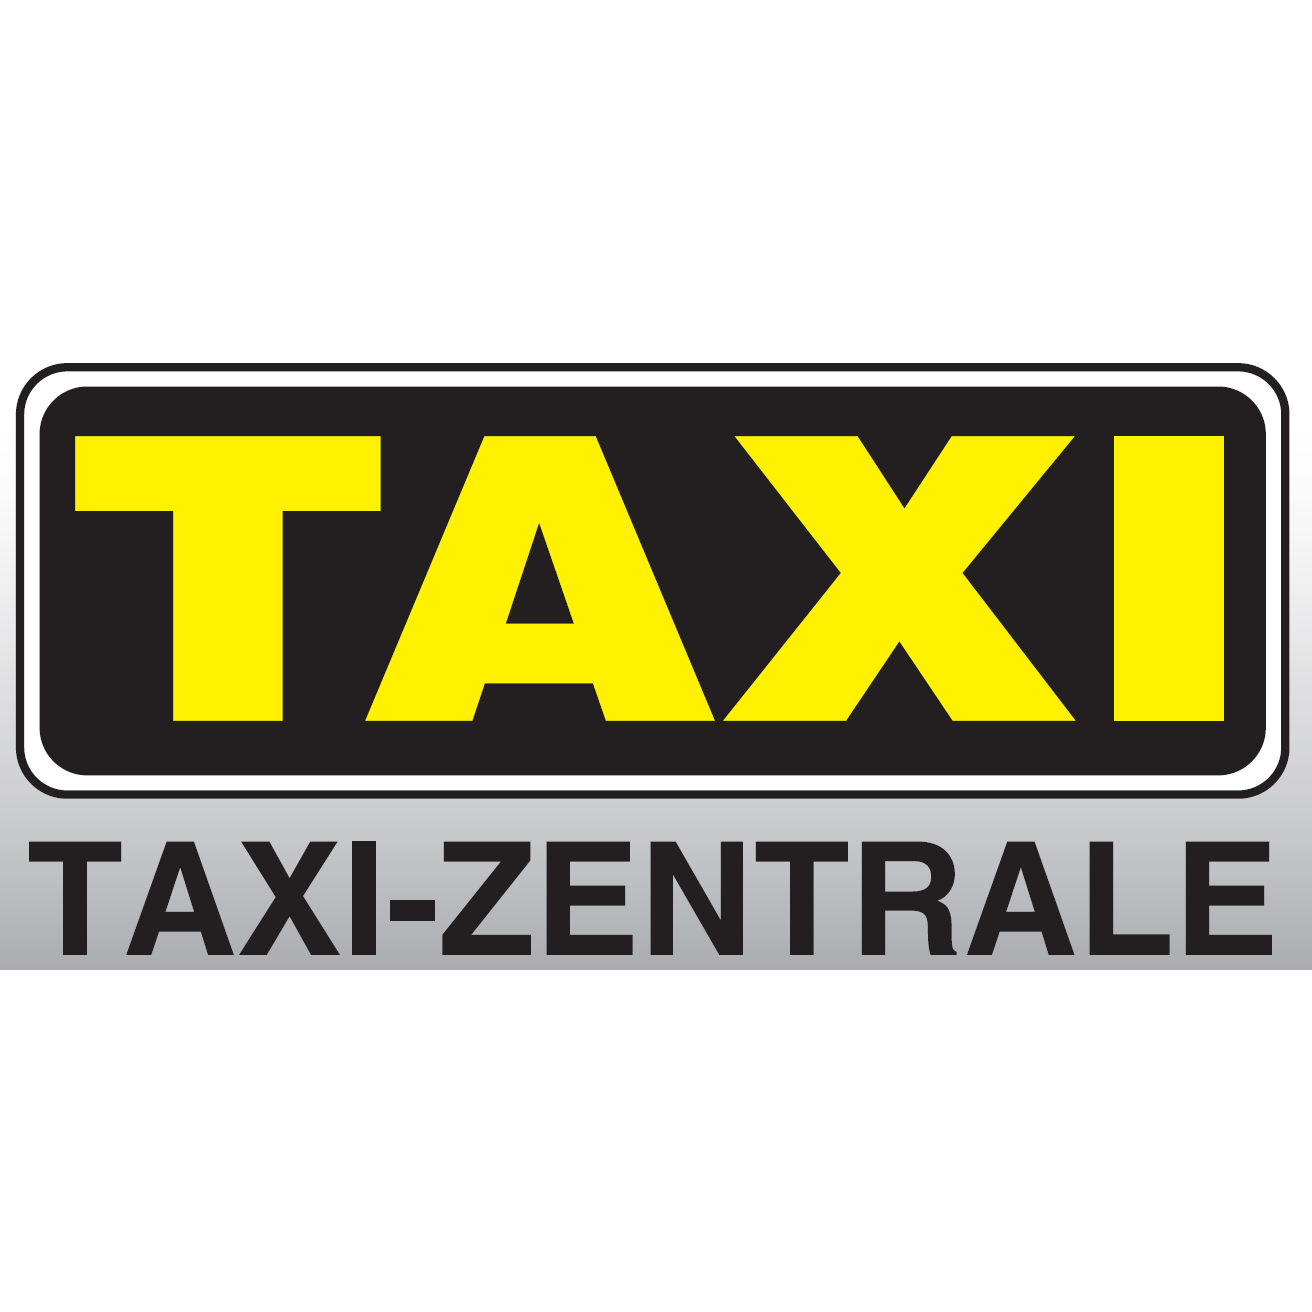 Taxi-Zentrale-Trier E.G. Trier